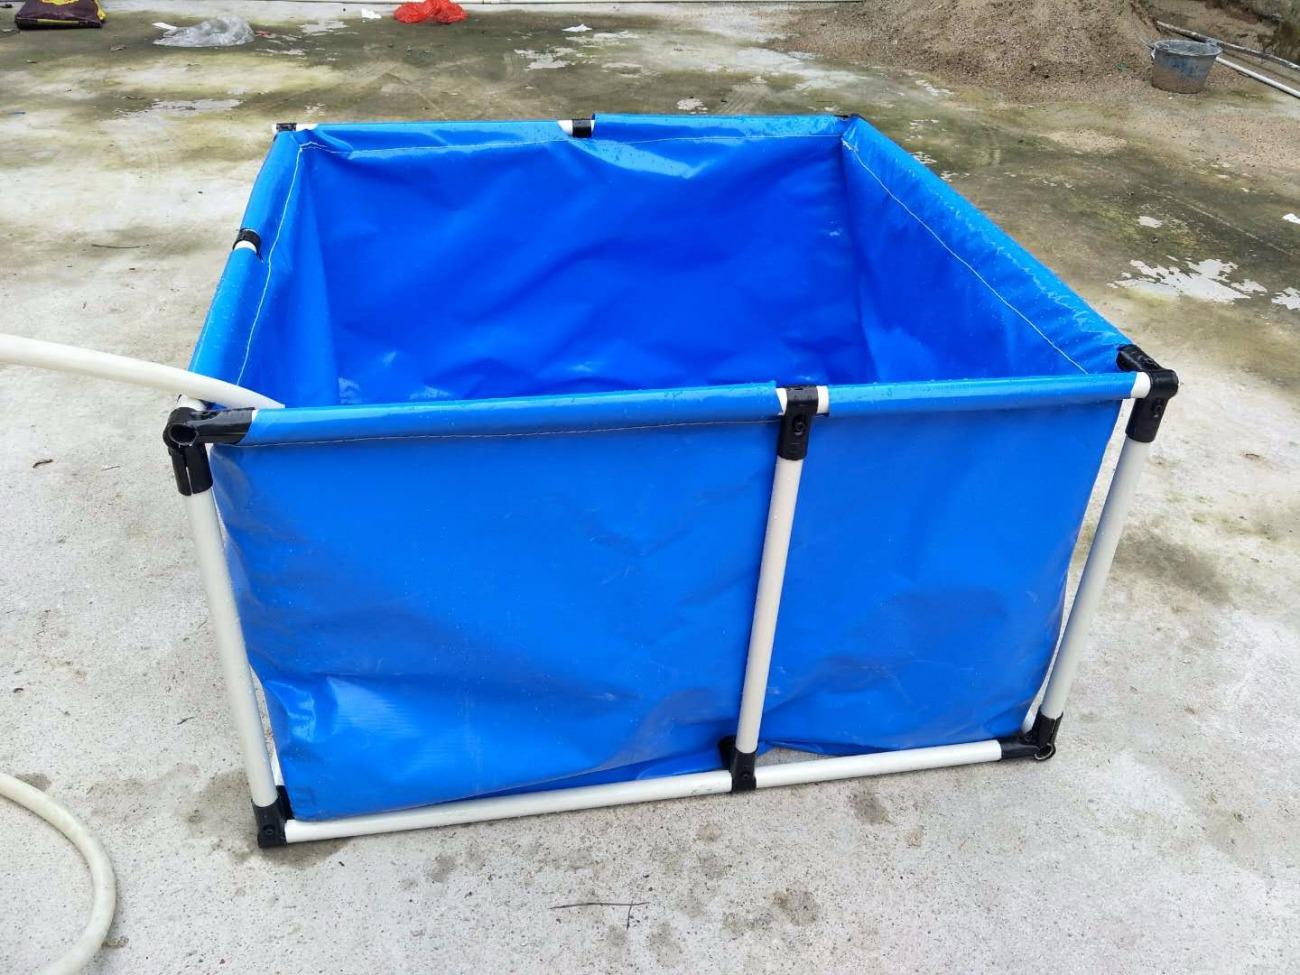 储水池帆布水池圆形鱼池养虾固定储水池防漏水篷布鱼缸池鱼箱